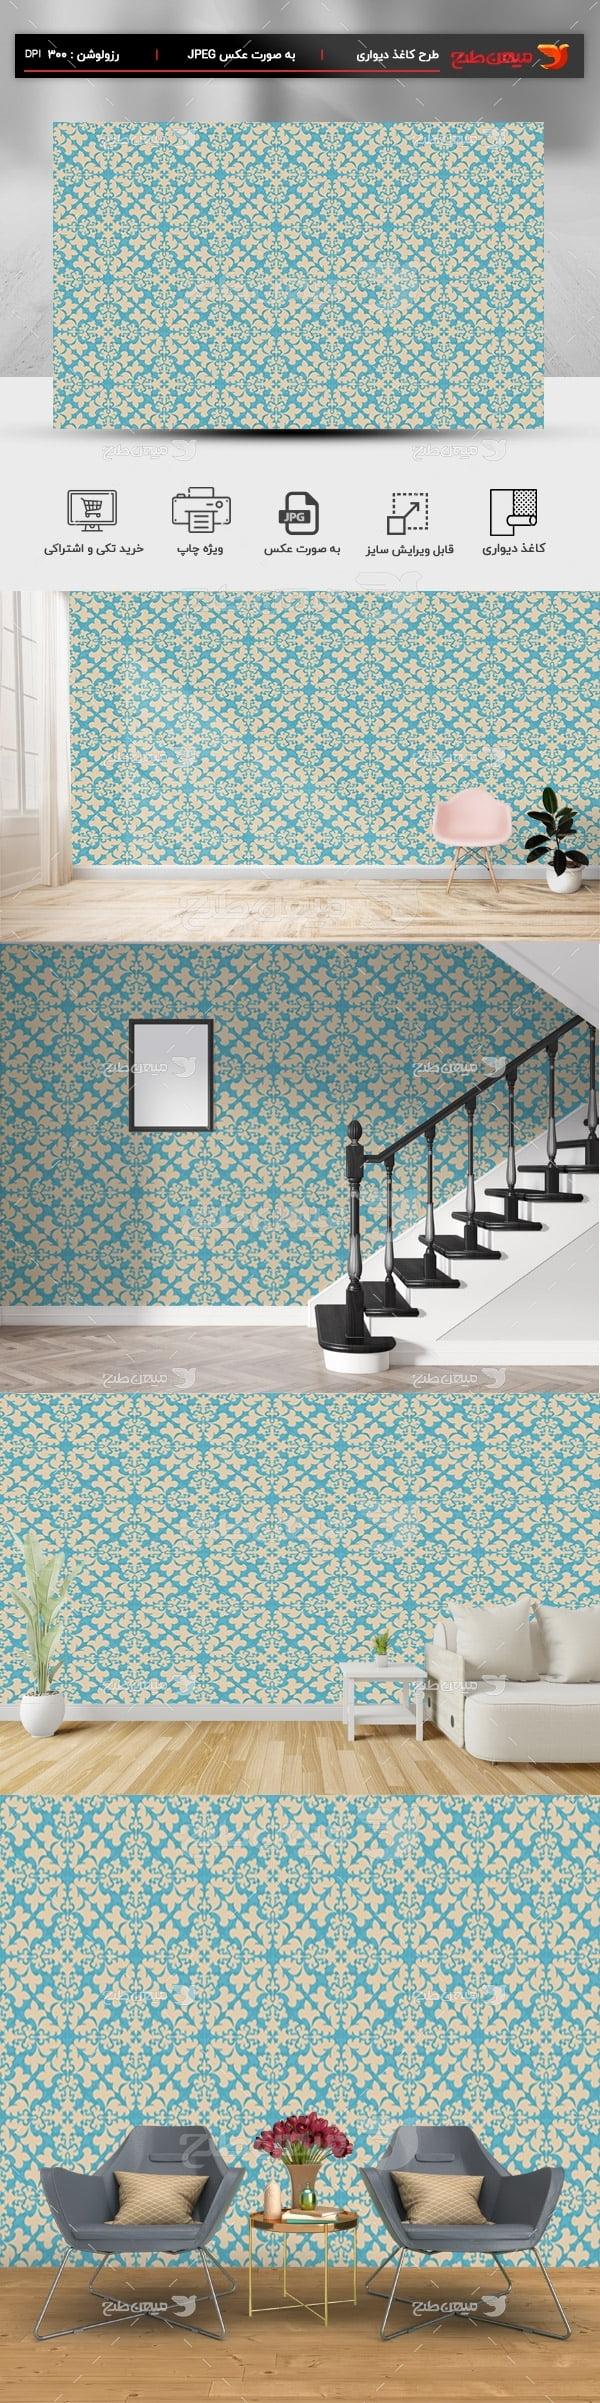 پوستر کاغذ دیواری ساده مدل طرح سبز آبی